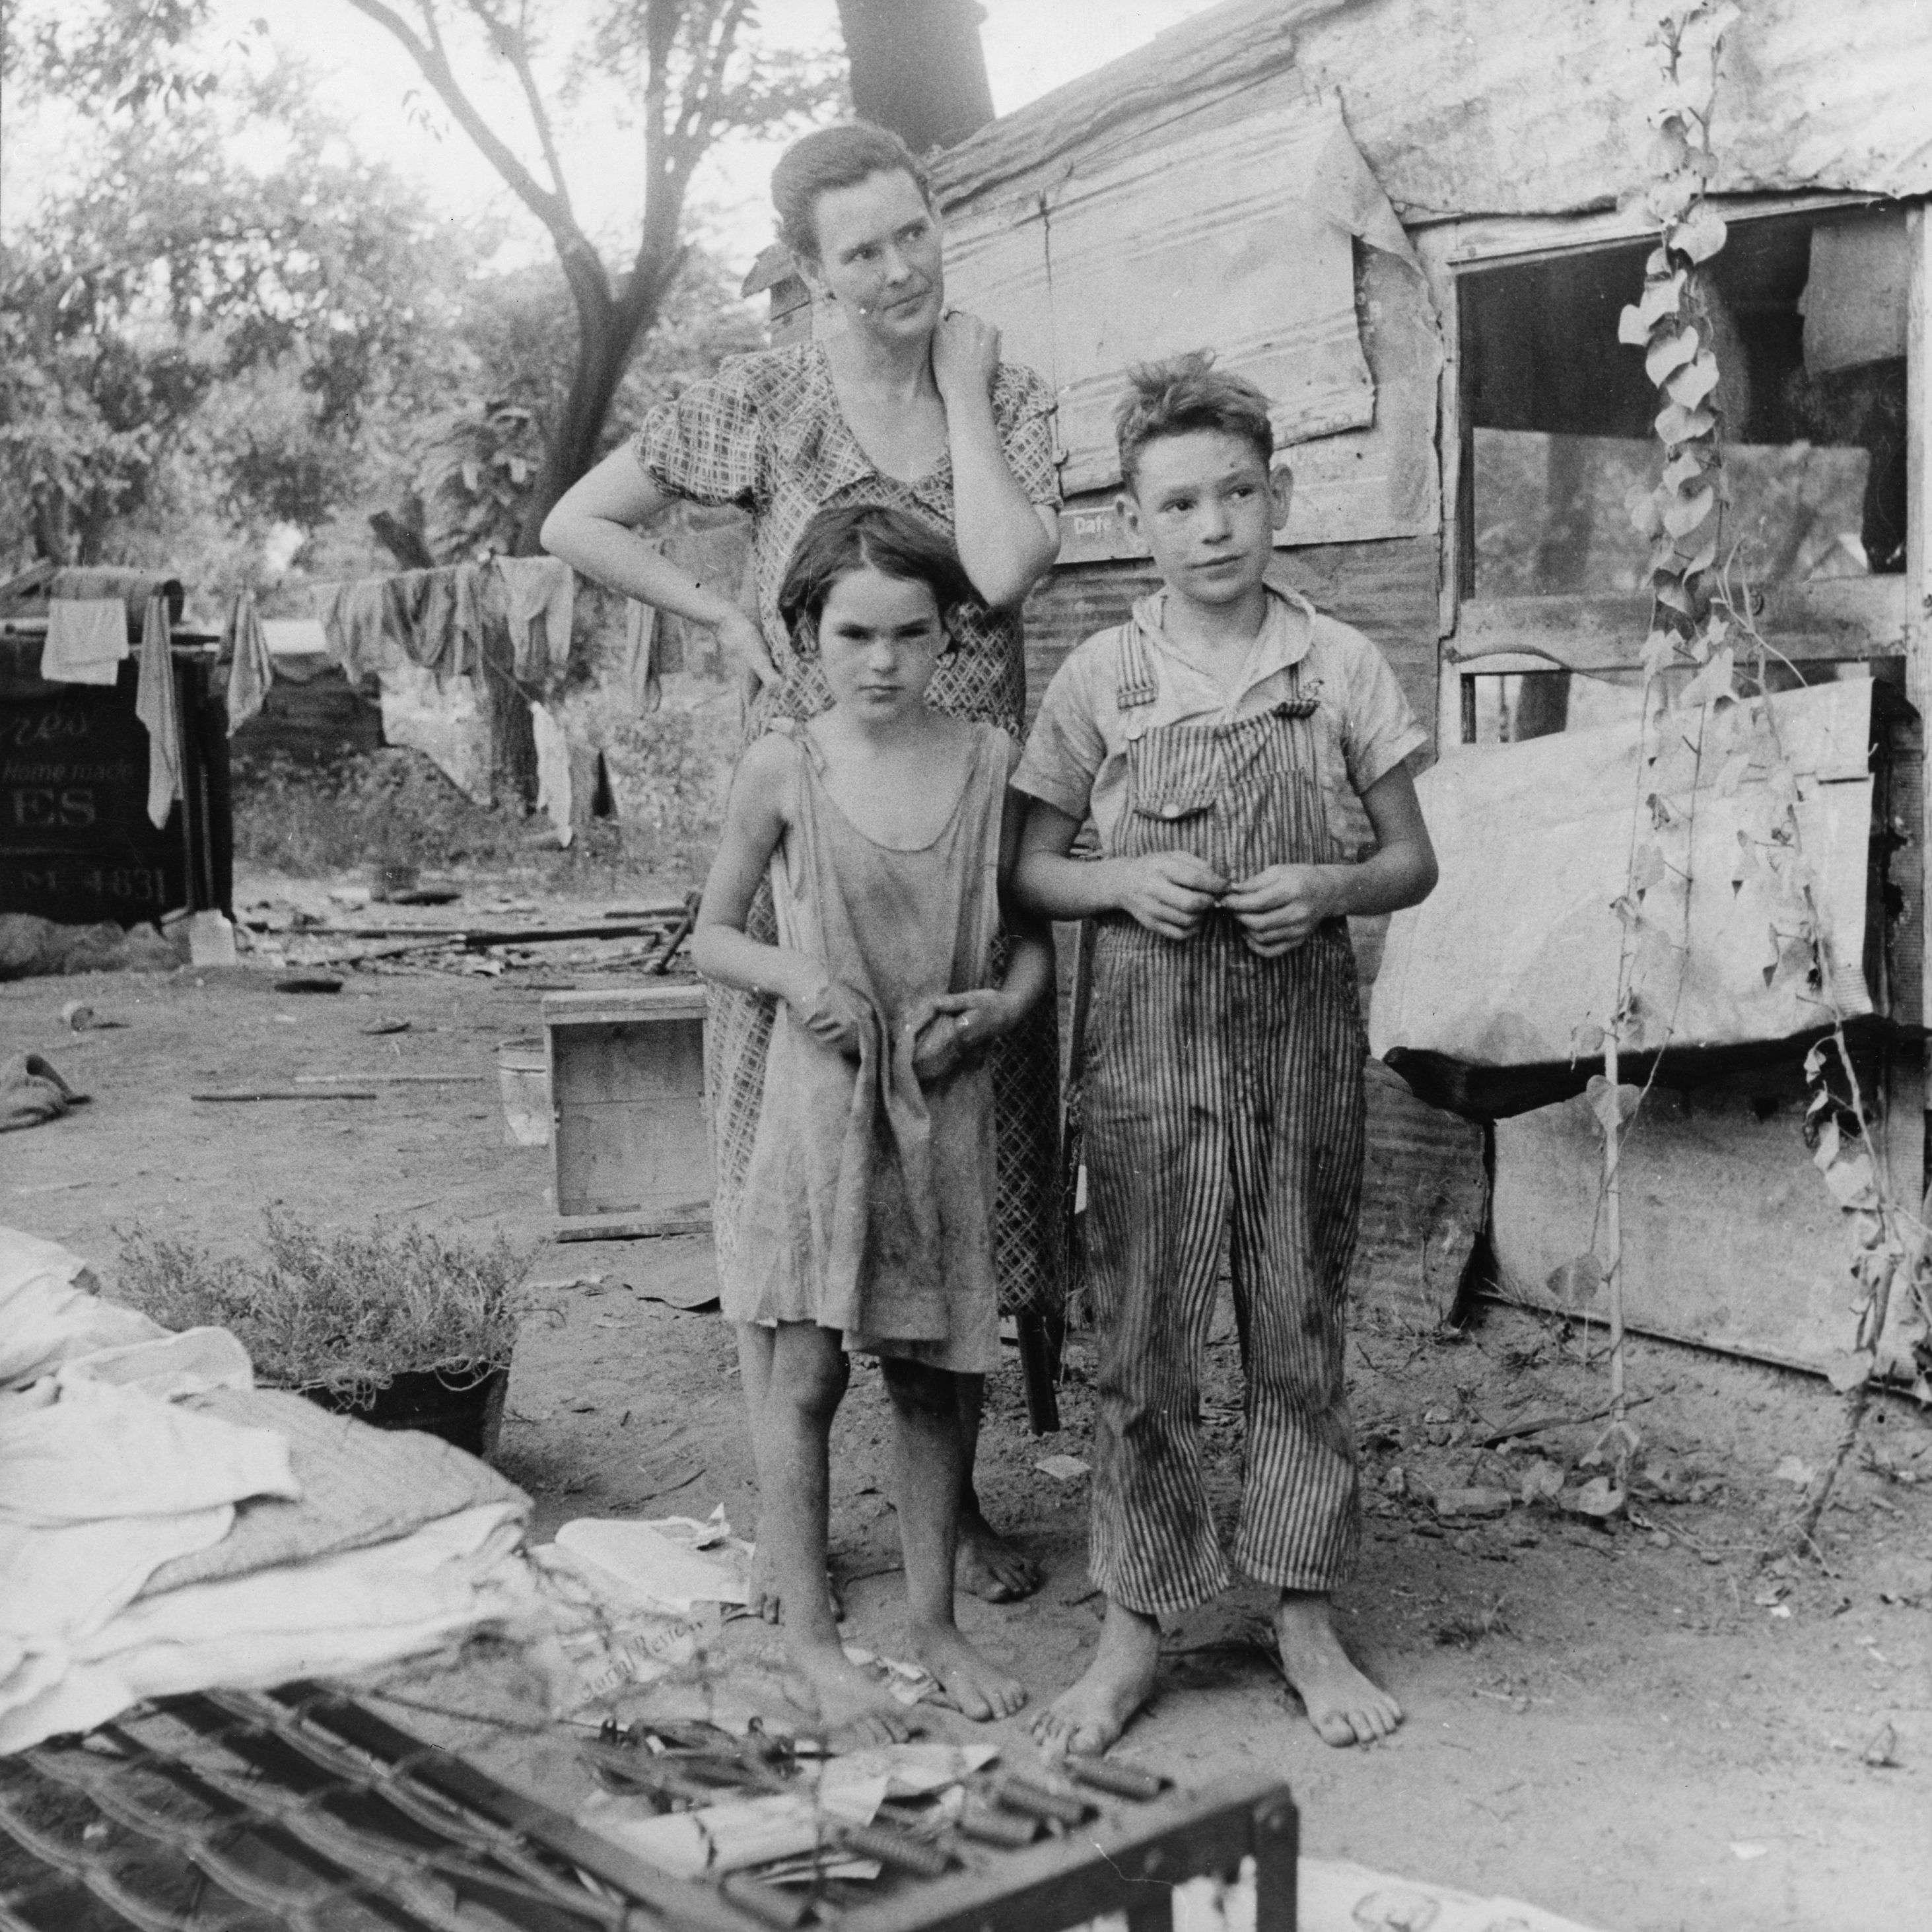 Εξαθλιωμένη αμερικανική οικογένεια, 1936.